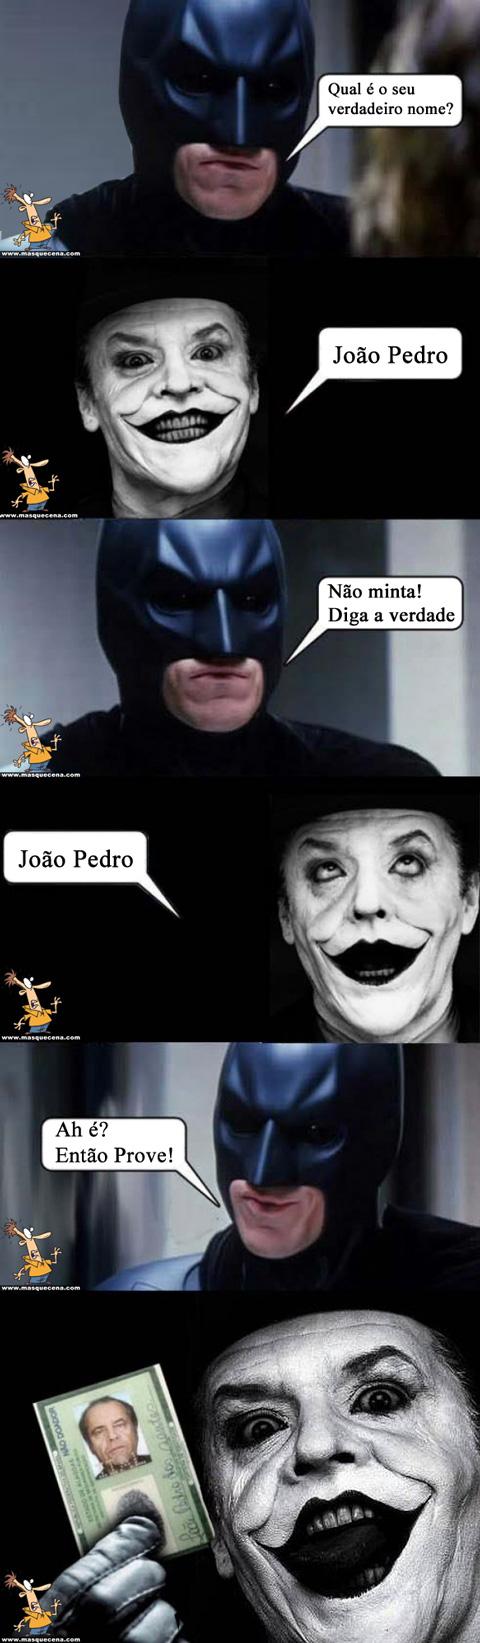 Verdadeiro nome do Joker